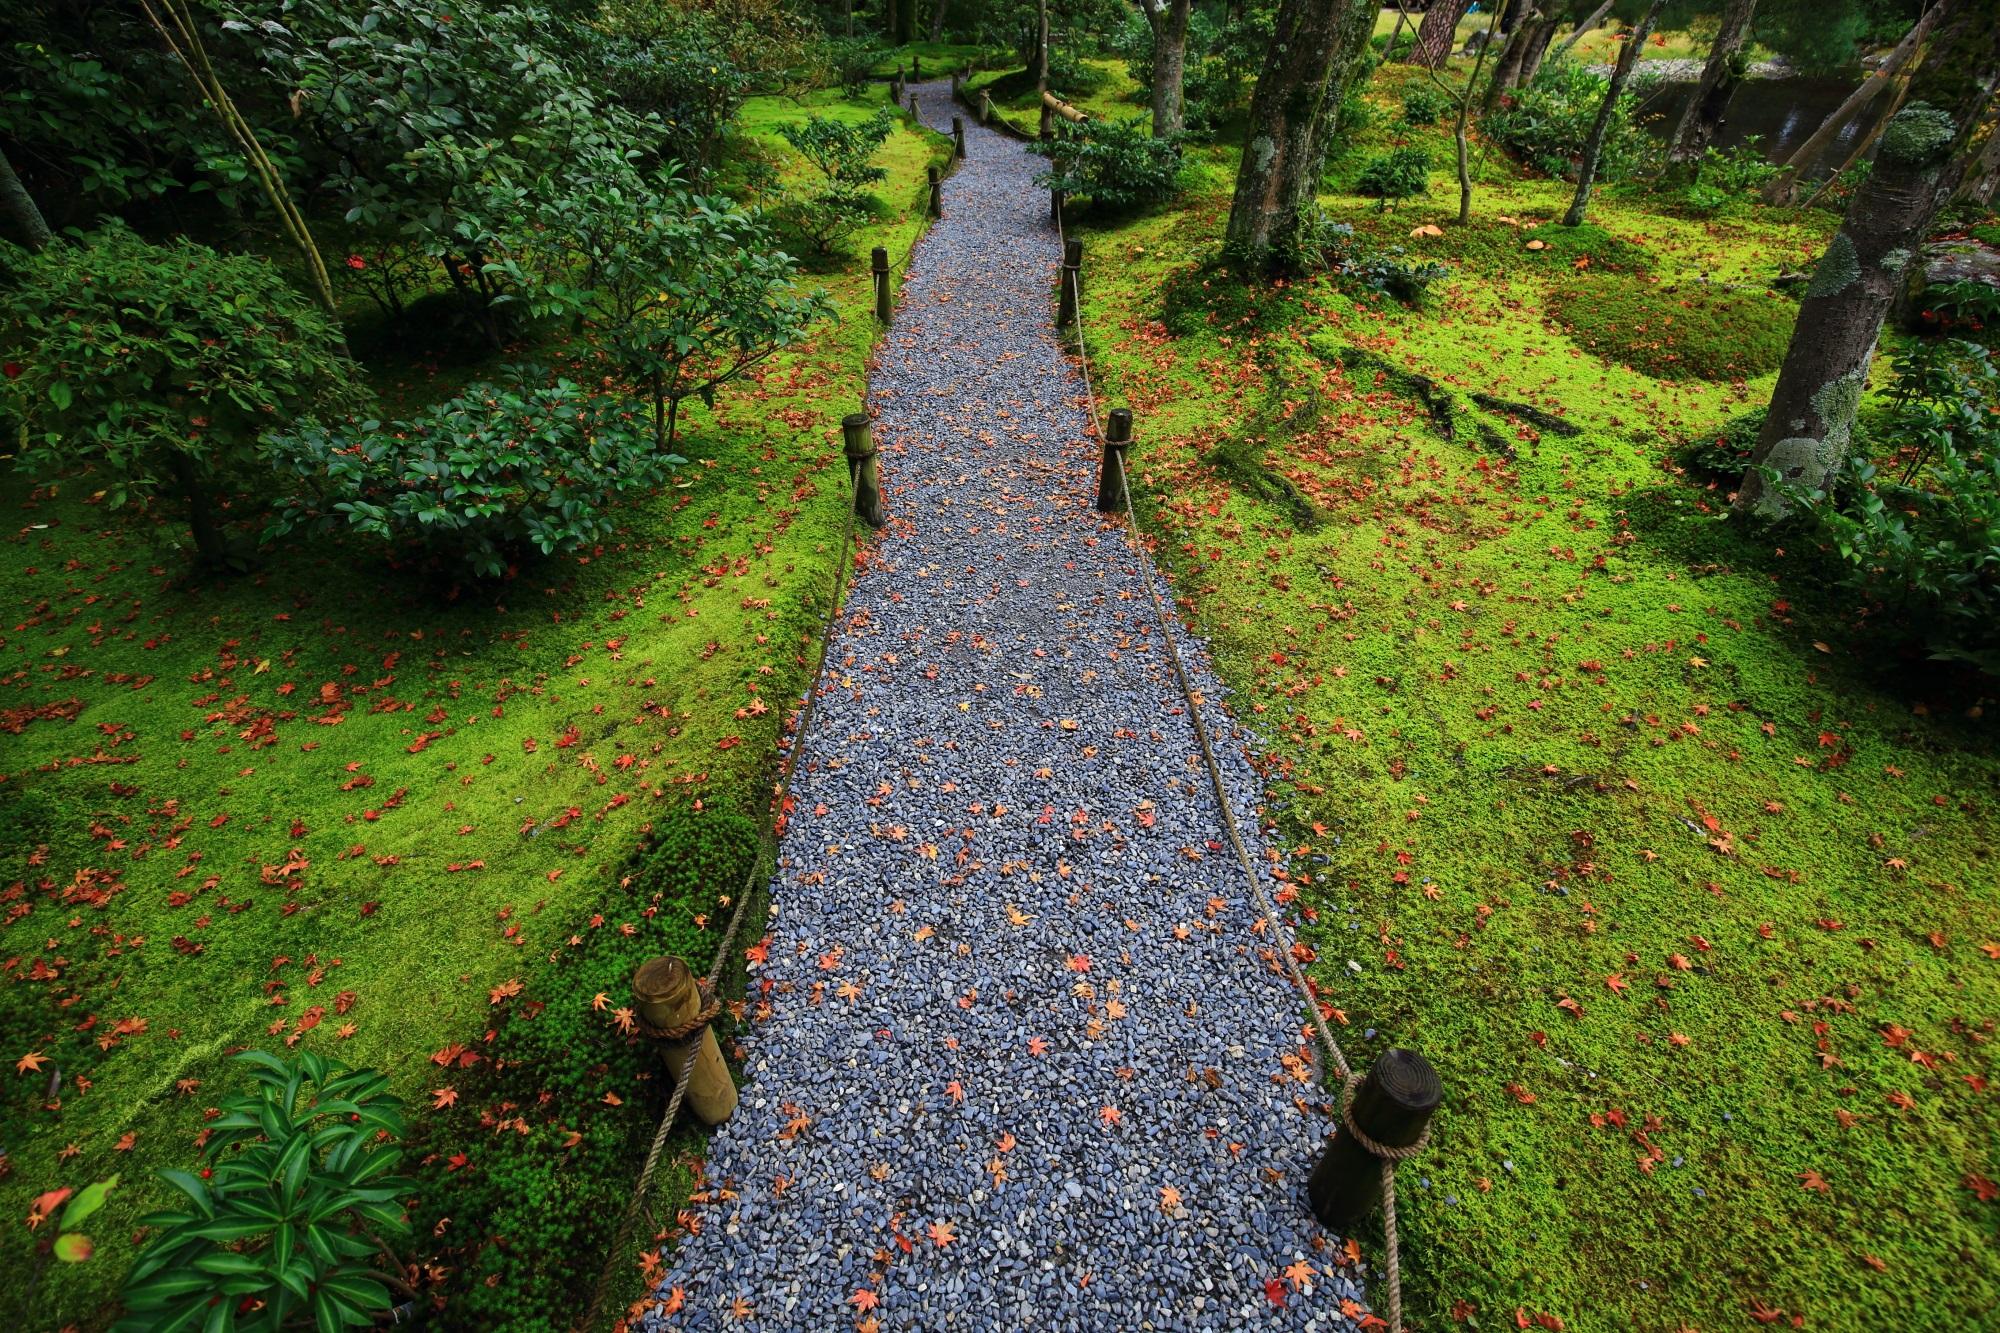 苔につつまれた参道を華やぐ多彩な散りもみじ